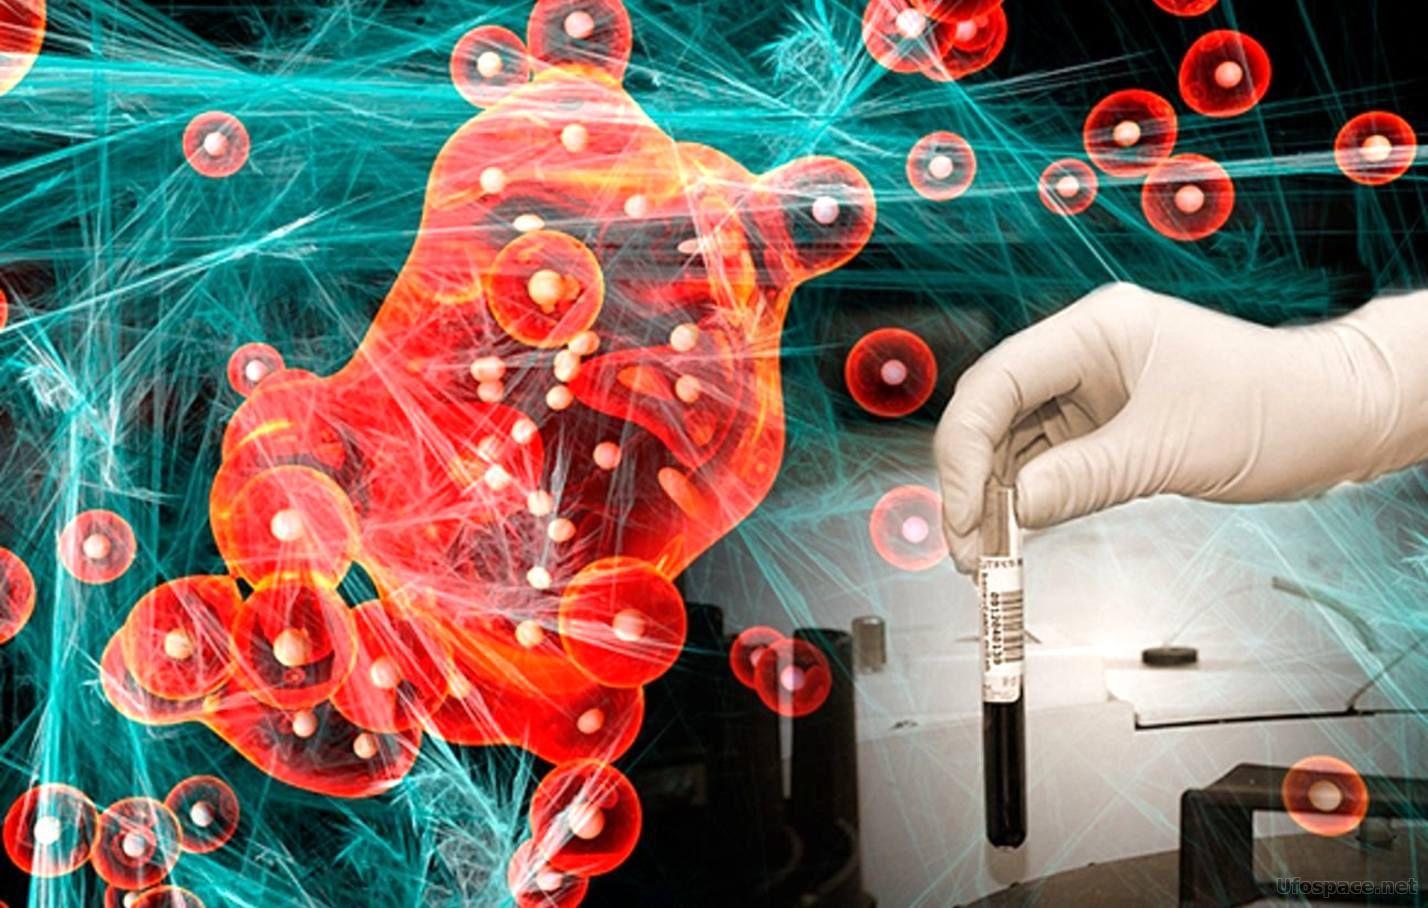 Лекарство от рака давно существует?